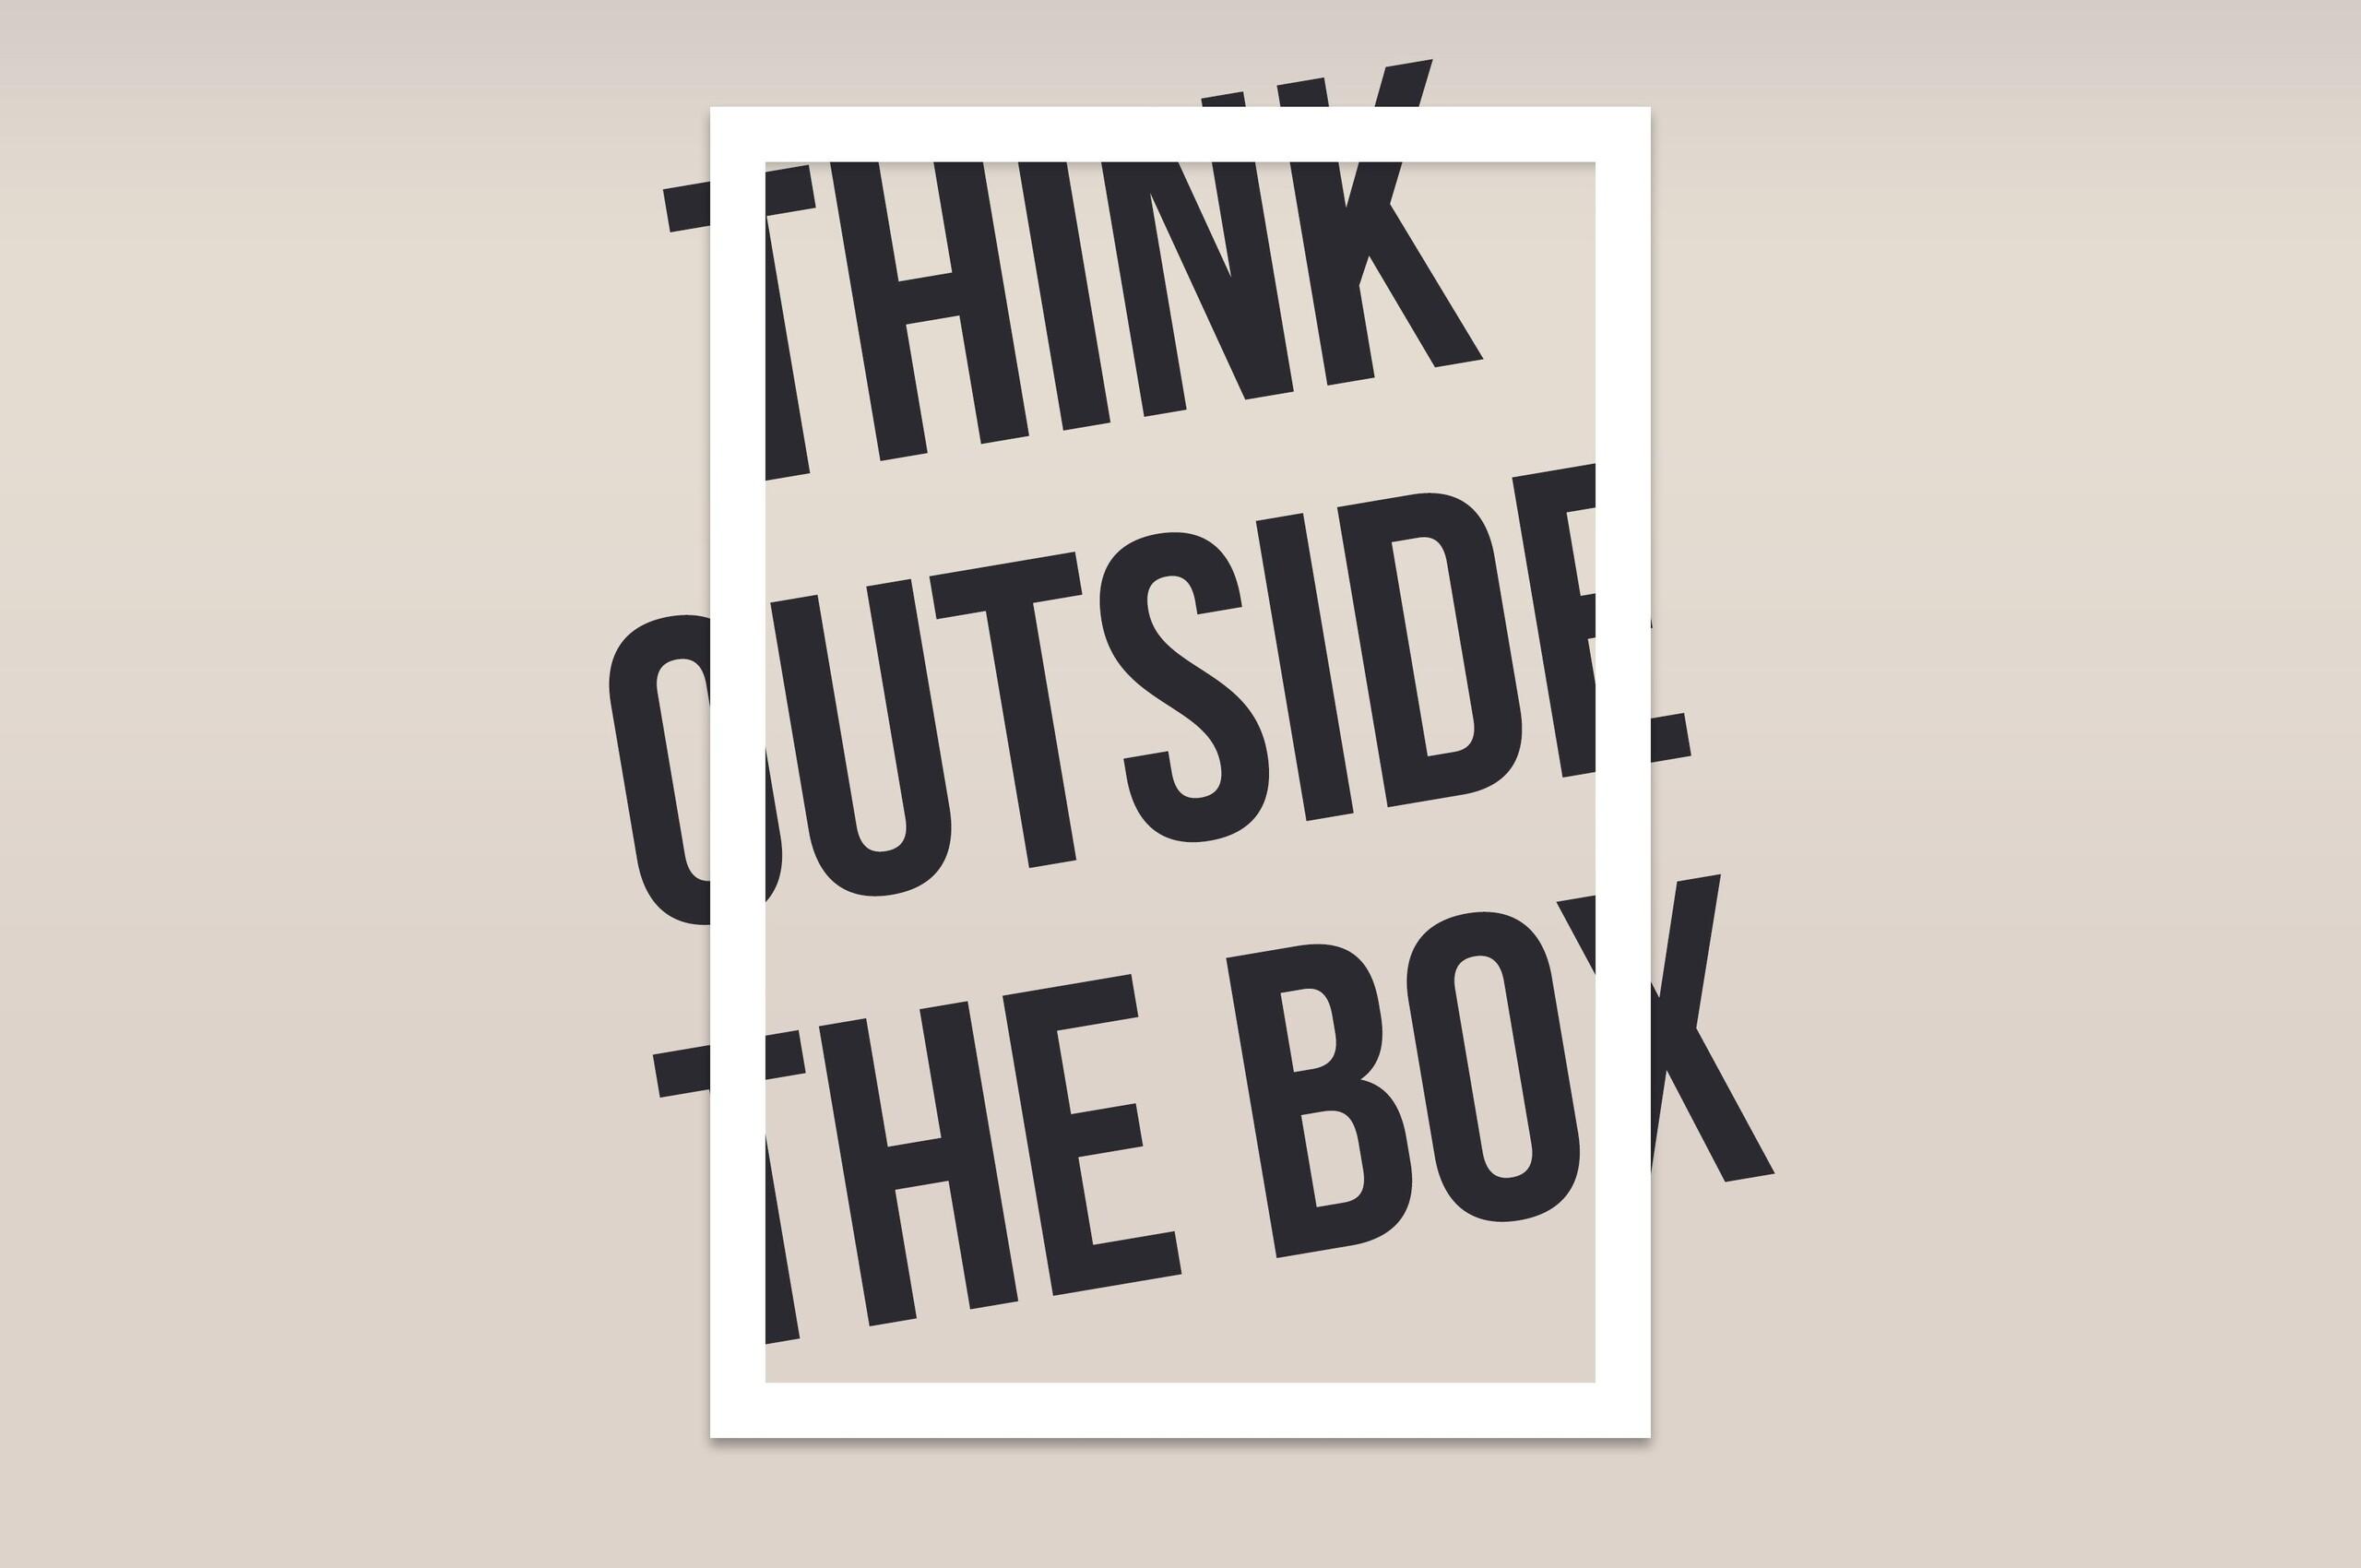 think-outside-the-box-qu.jpg